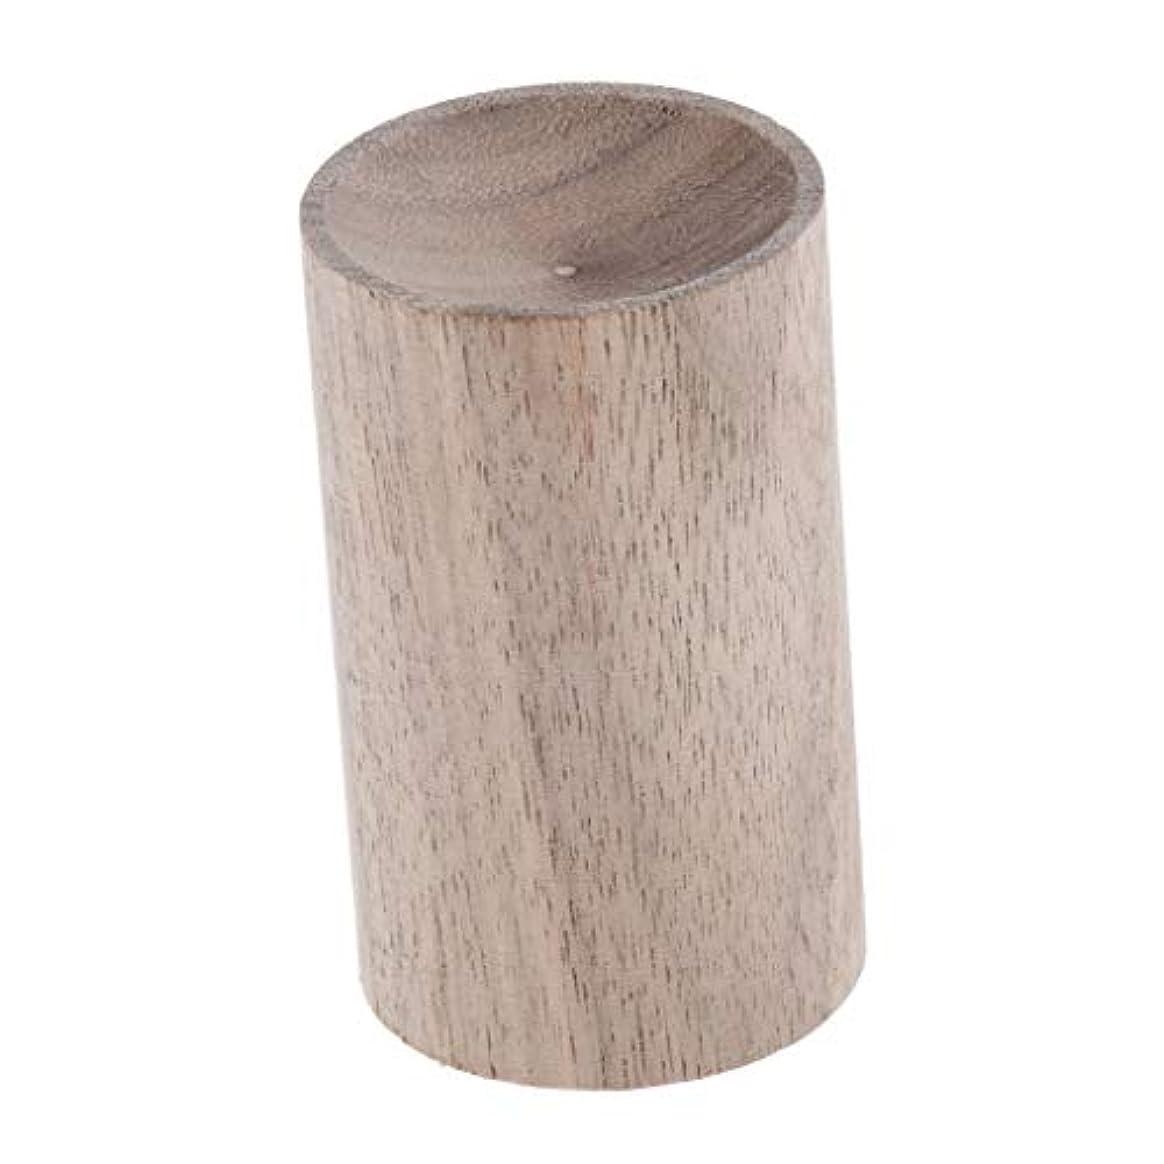 アレンジチャネル出力Hellery アロマディフューザー アロマバーナー 天然木 ハ ンドメイド 手作り 空気清浄 香水 全2種類 - 02